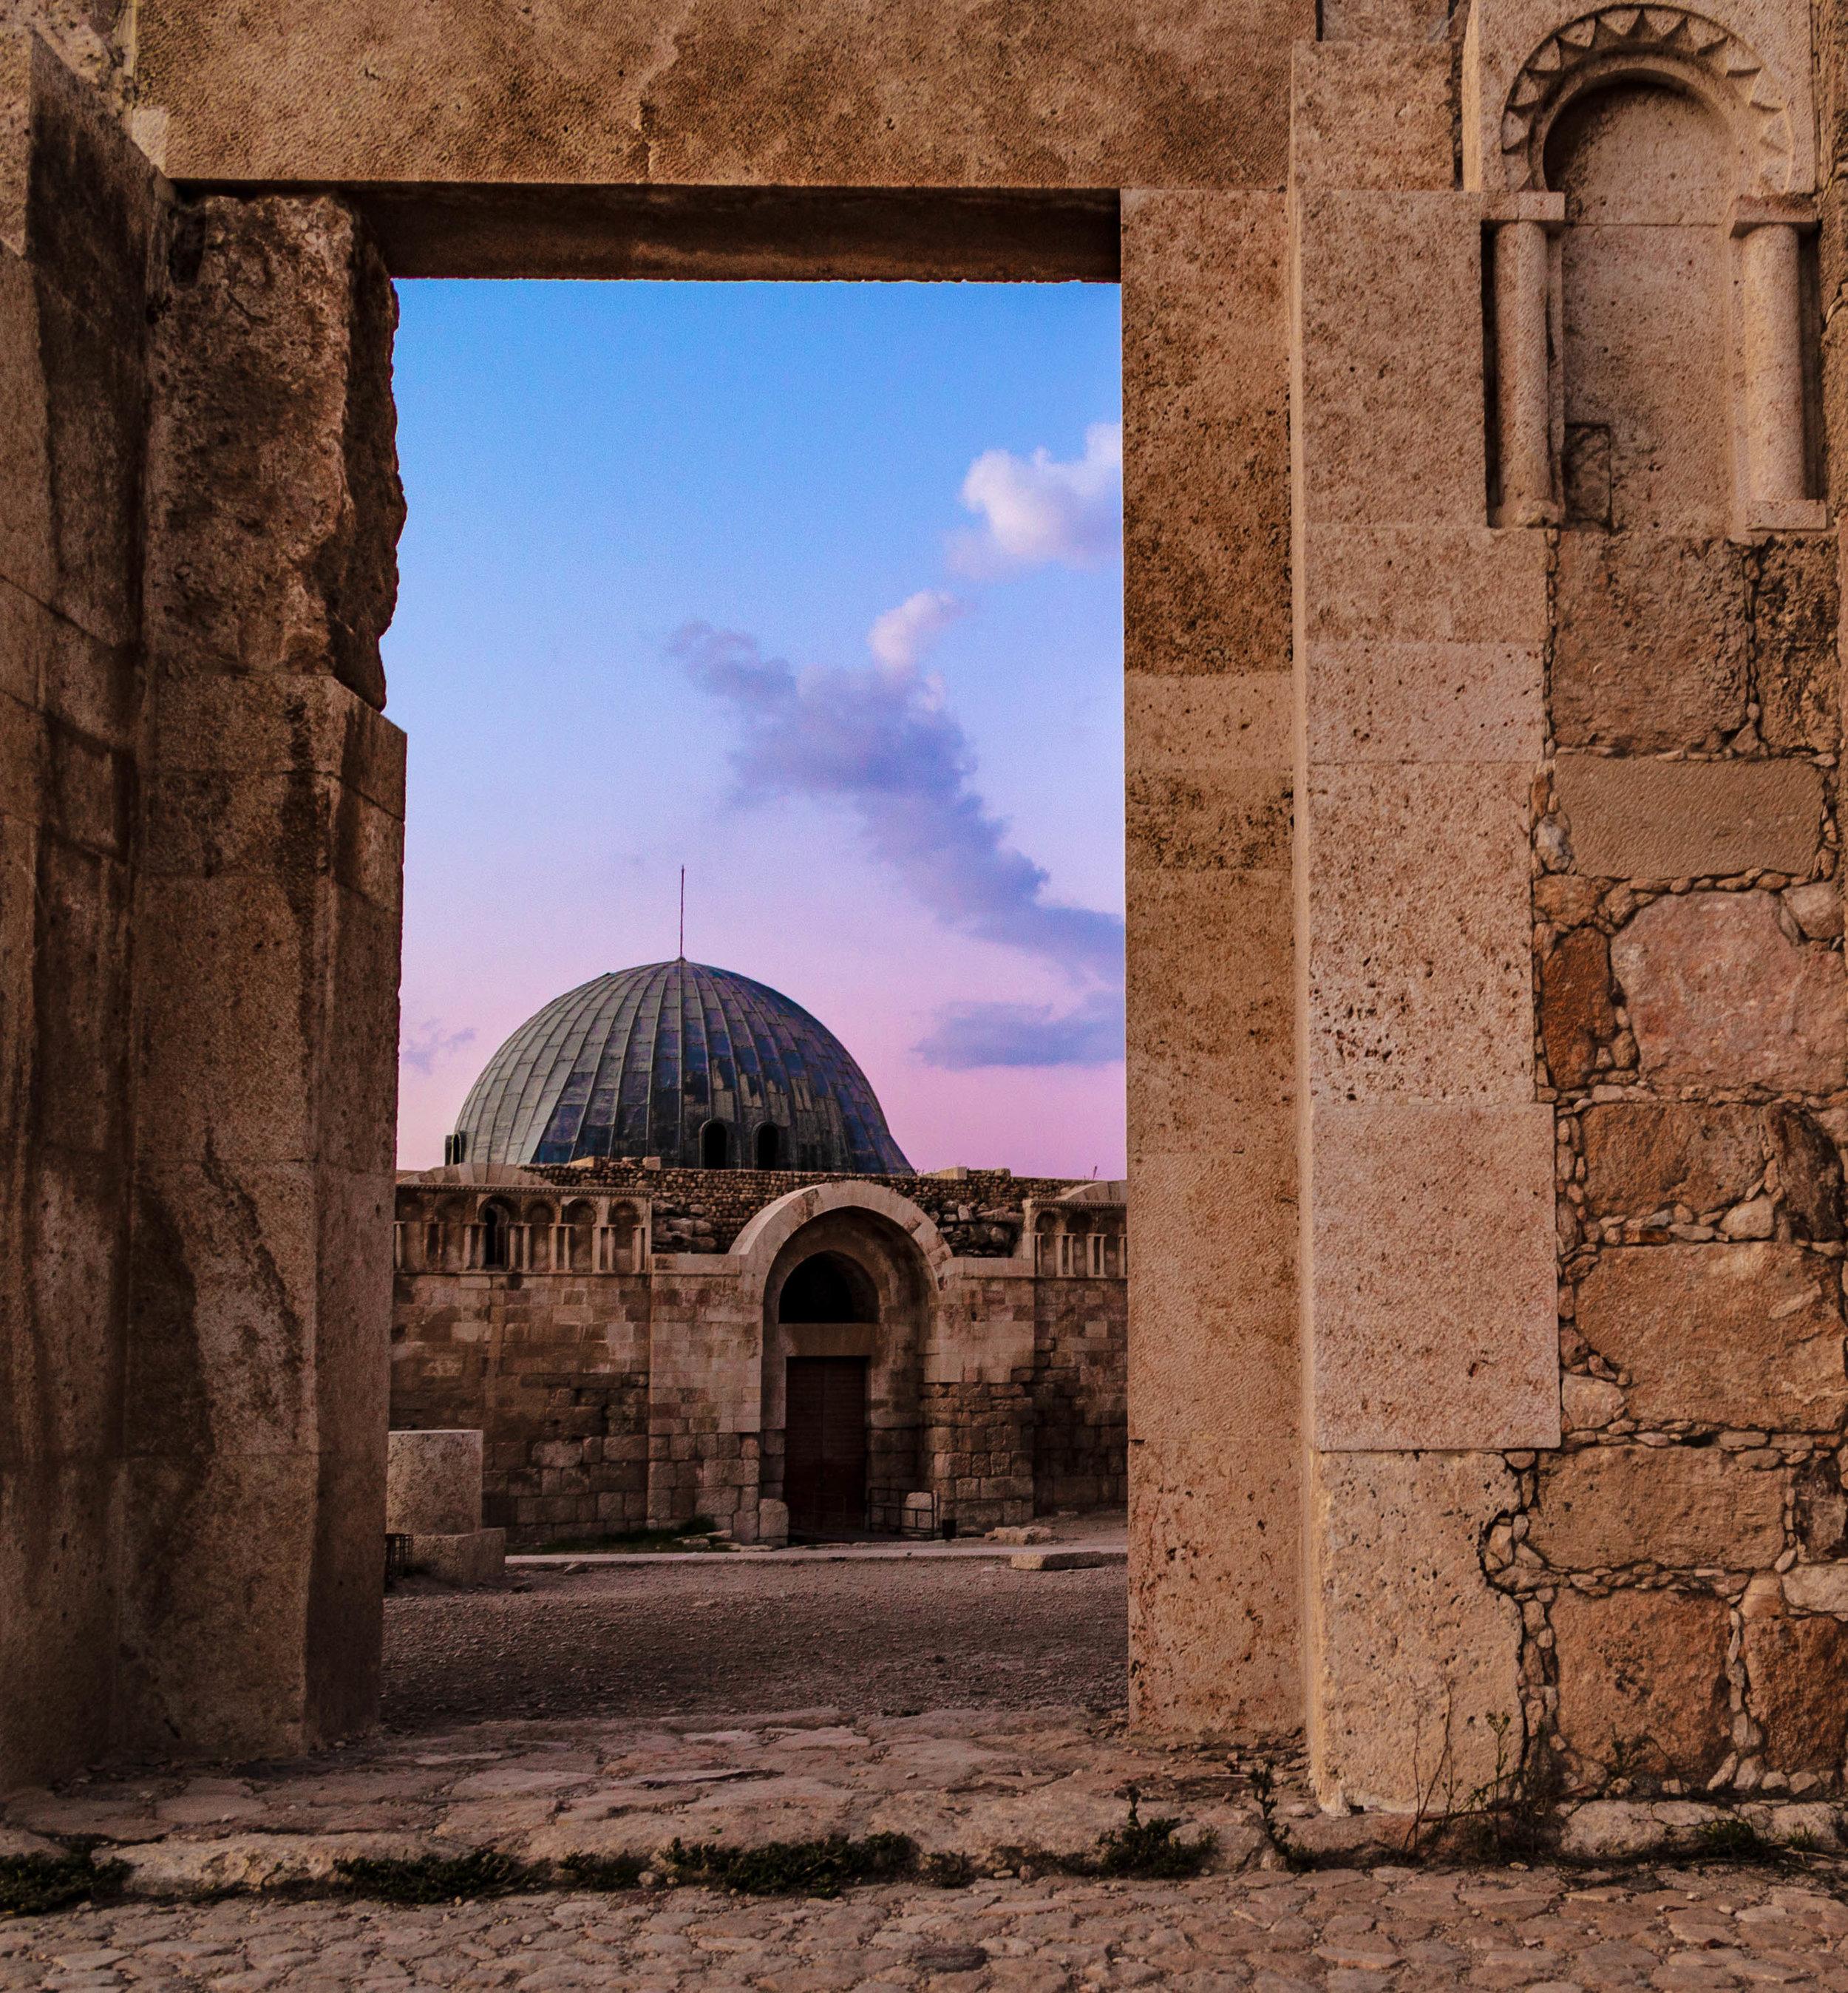 Ummayad Palace at The Citadel, Amman